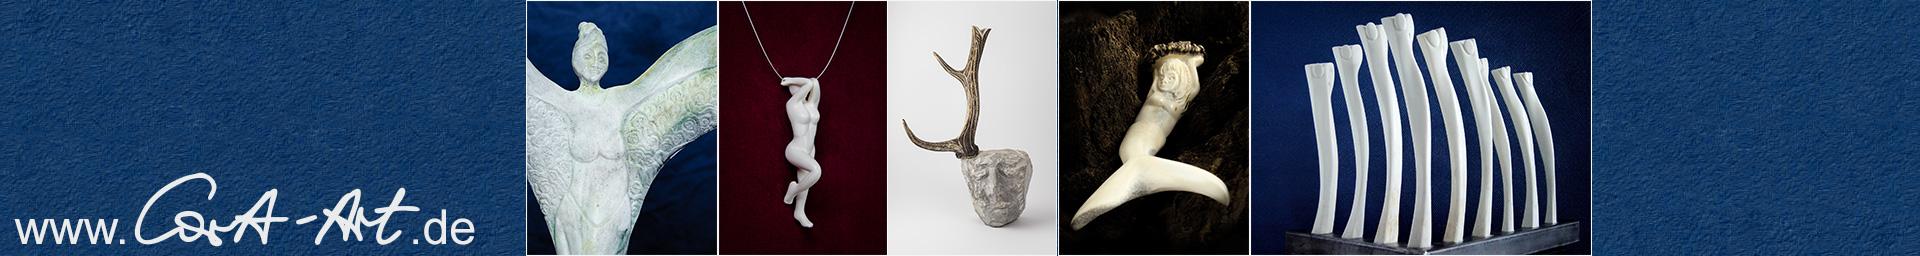 CorA-Art – Skulpturen und Schmuck aus Mammut-Elfenbein